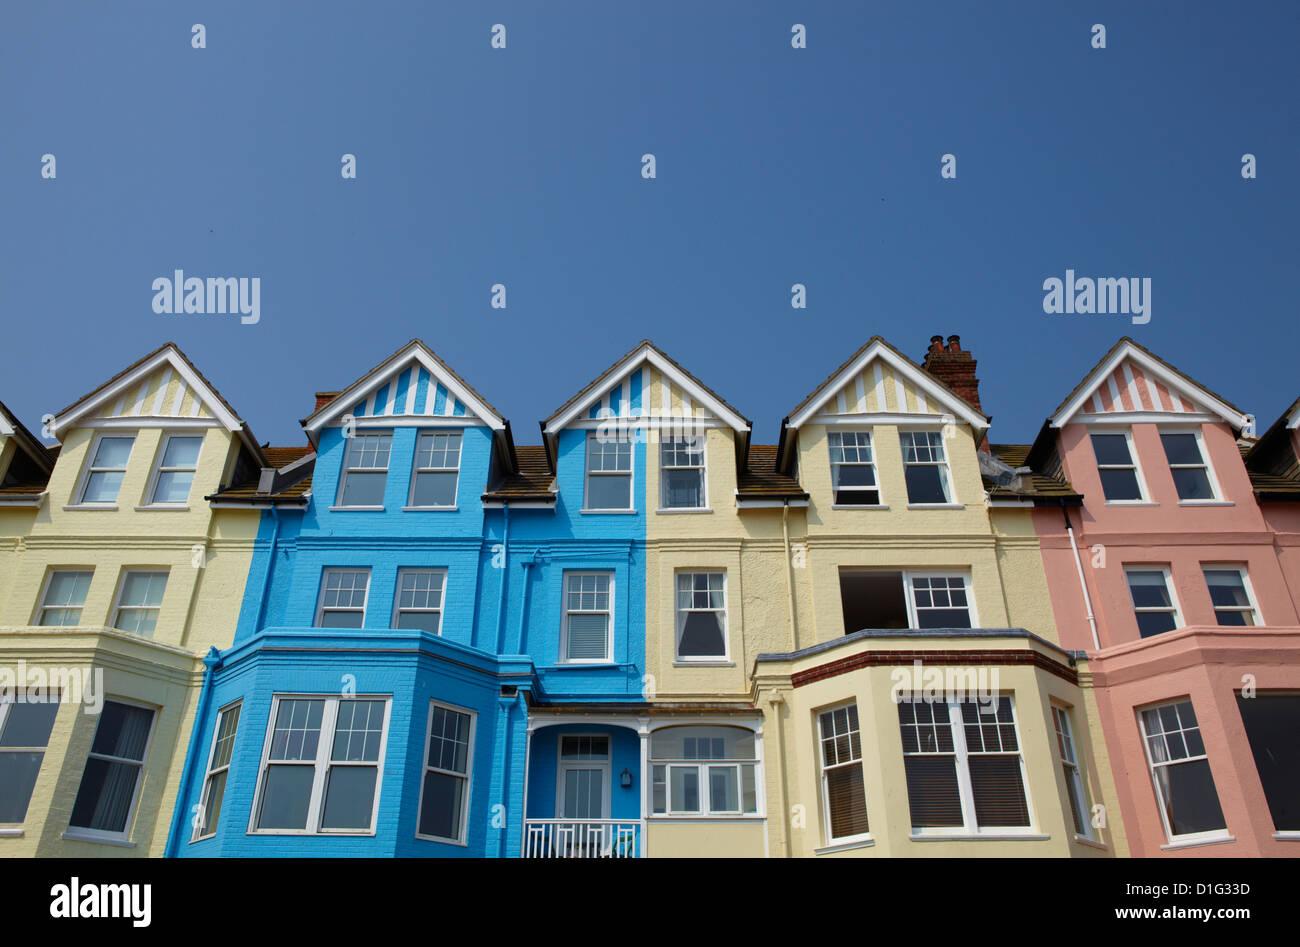 Bunte Meer beherbergt in Aldeburgh, Suffolk, England, Vereinigtes Königreich, Europa Stockbild